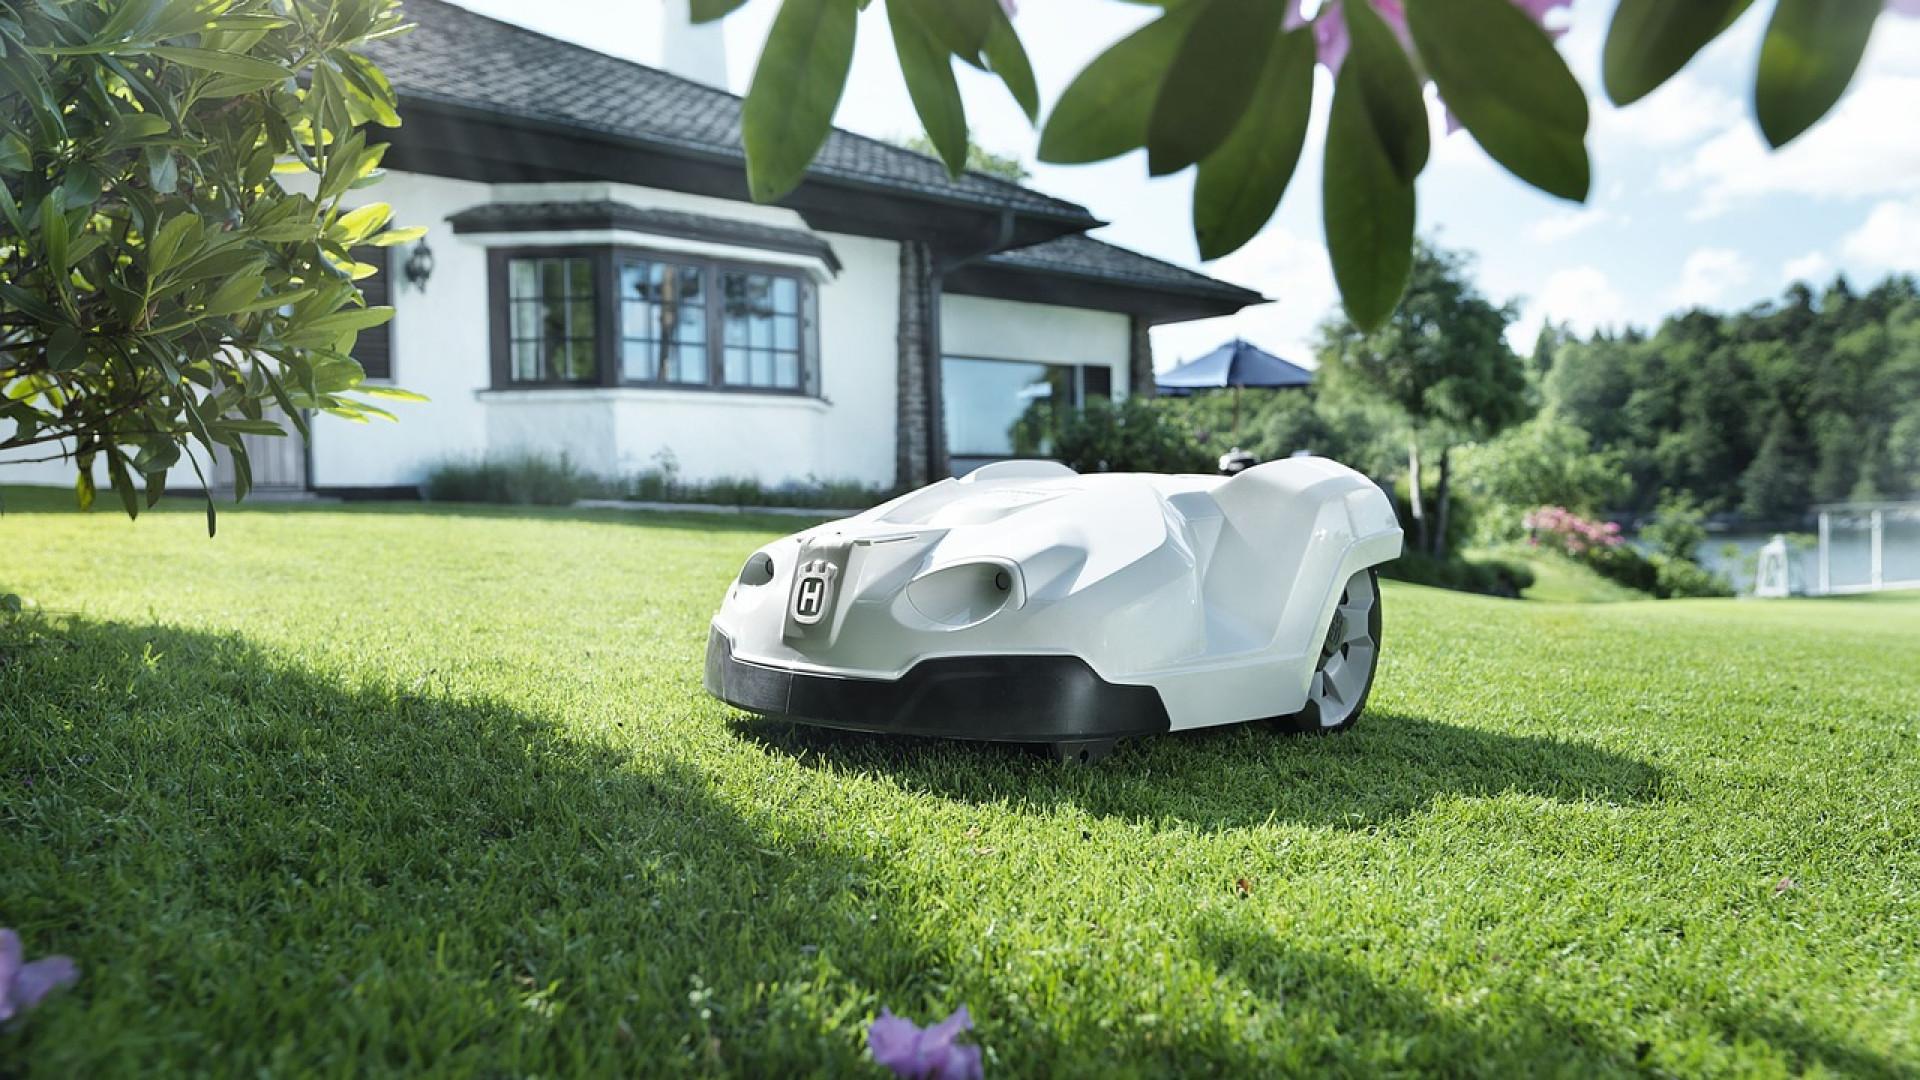 Les robots devenus indispensables à la maison en 2020